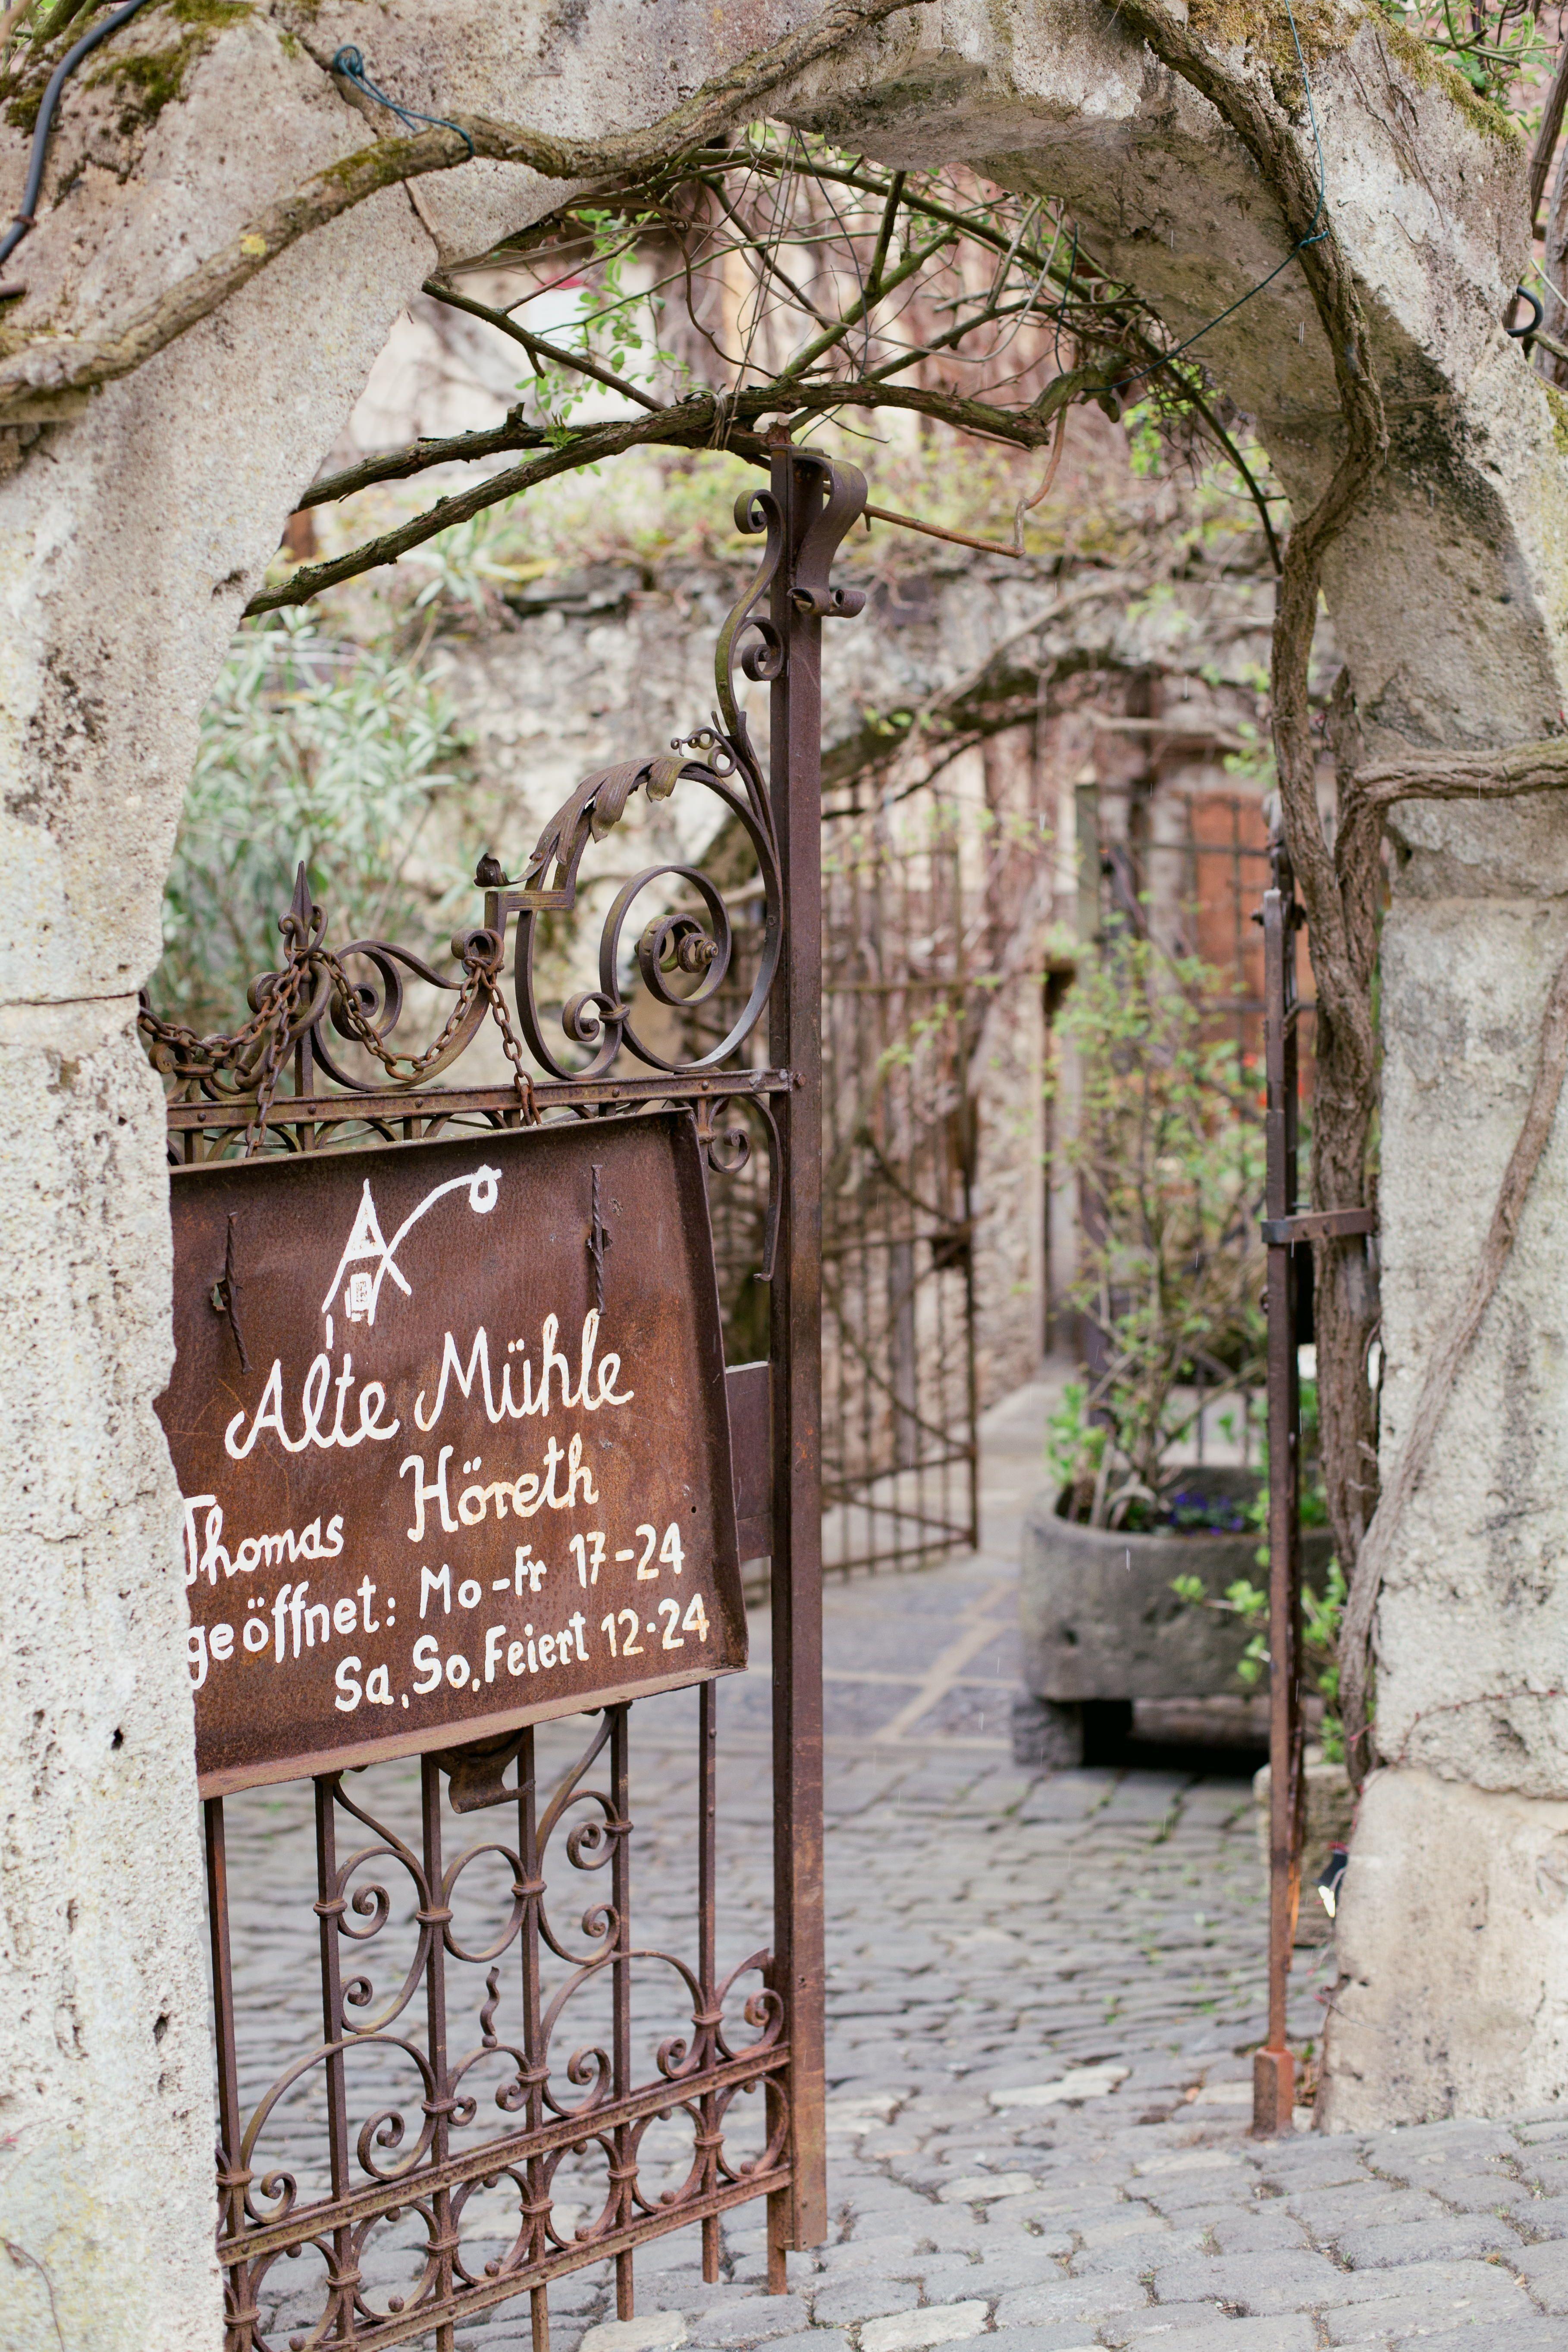 Alte Muhle Horeth Hochzeitsfotograf Hochzeitslocation Fotografie